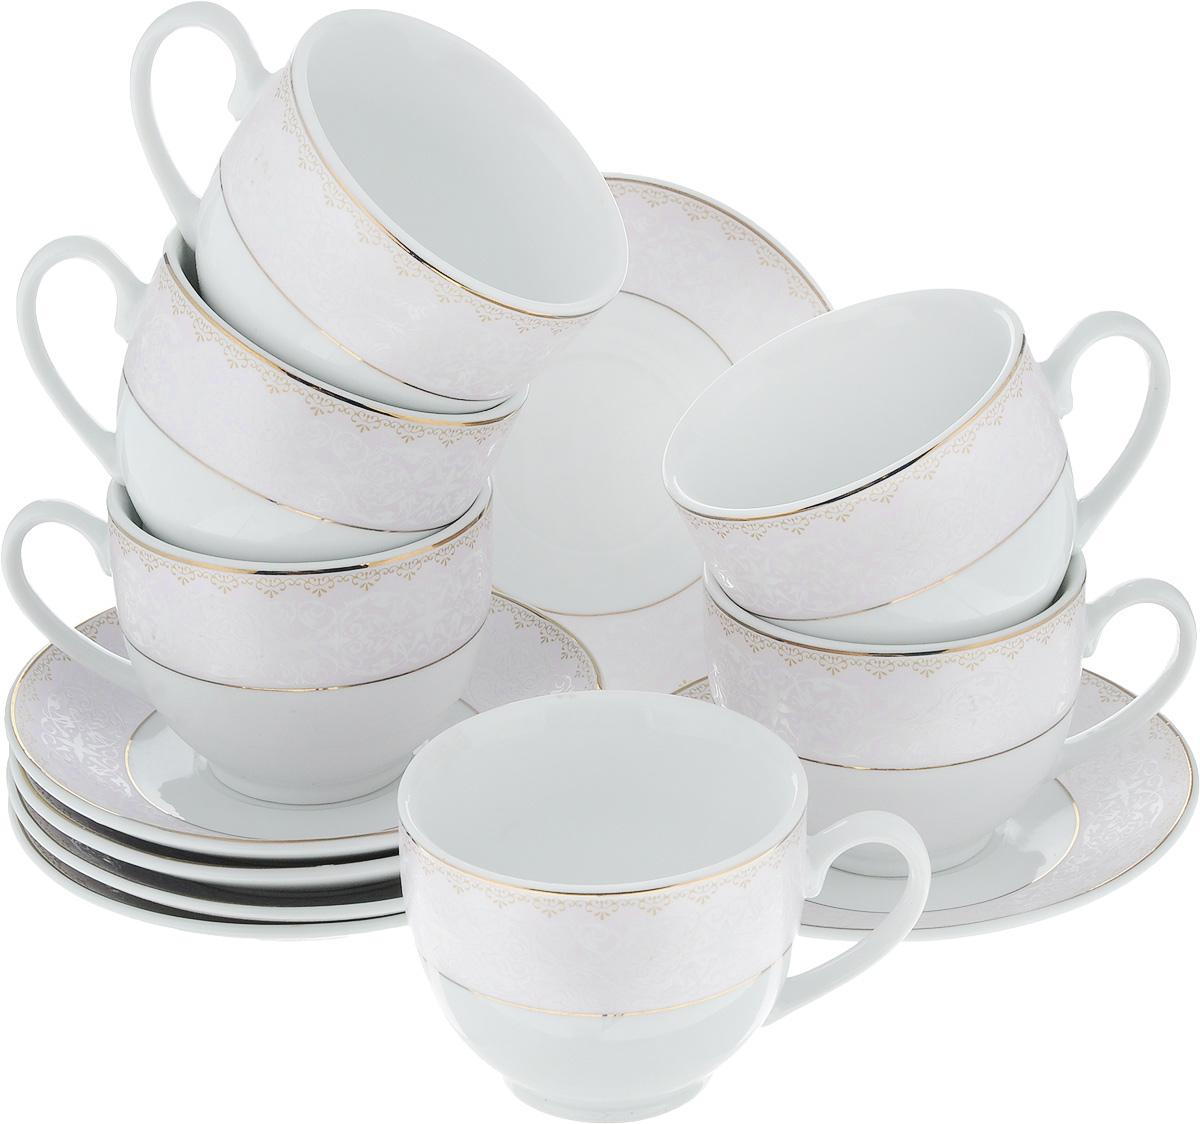 Набор чайный Loraine, 12 предметов. 2590225958Чайный набор Loraine состоит из шести чашек и шести блюдец. Изделия выполнены из высококачественного фарфора и оформлены нежным декором. Такой набор изящно дополнит сервировку стола к чаепитию. Благодаря оригинальному дизайну и качеству исполнения, он станет замечательным подарком для ваших друзей и близких. Объем чашки: 240 мл. Диаметр чашки (по верхнему краю): 8,5 см. Высота чашки: 7 см. Диаметр блюдца: 14 см.Высота блюдца: 2 см.